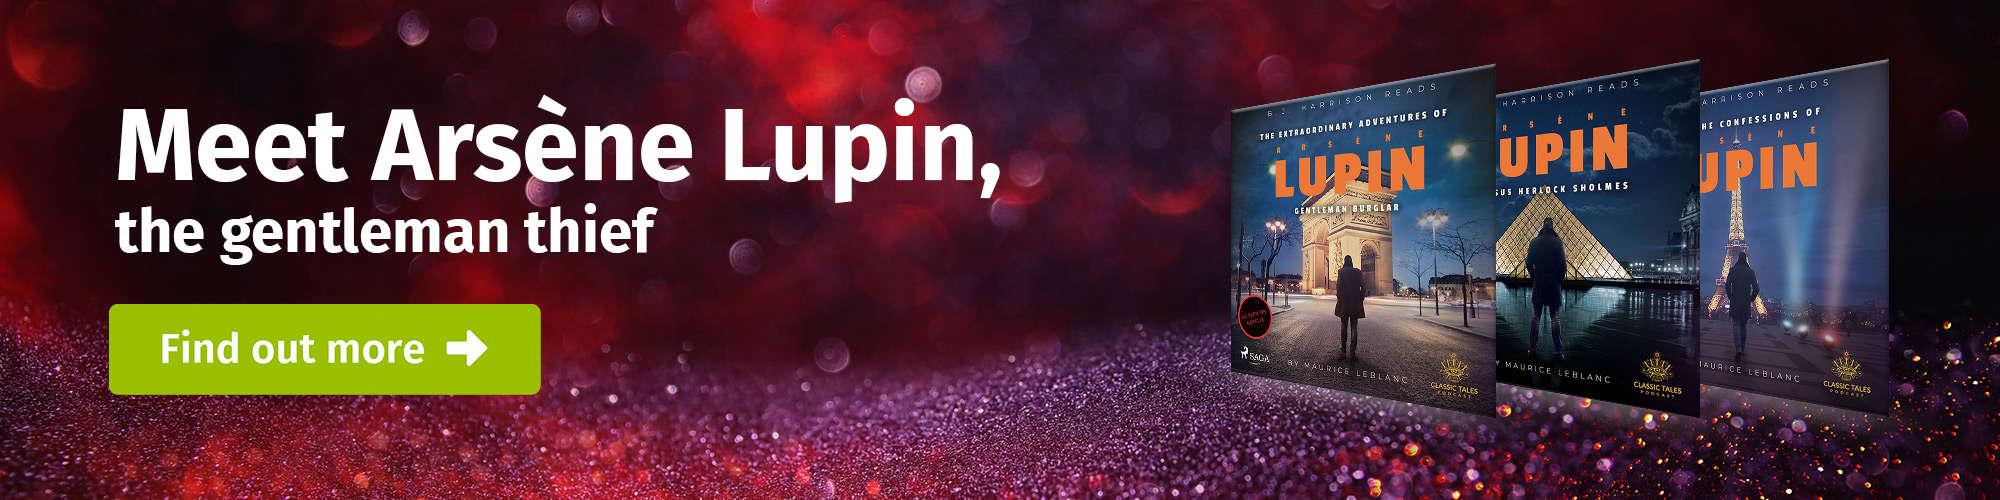 Lupin promo